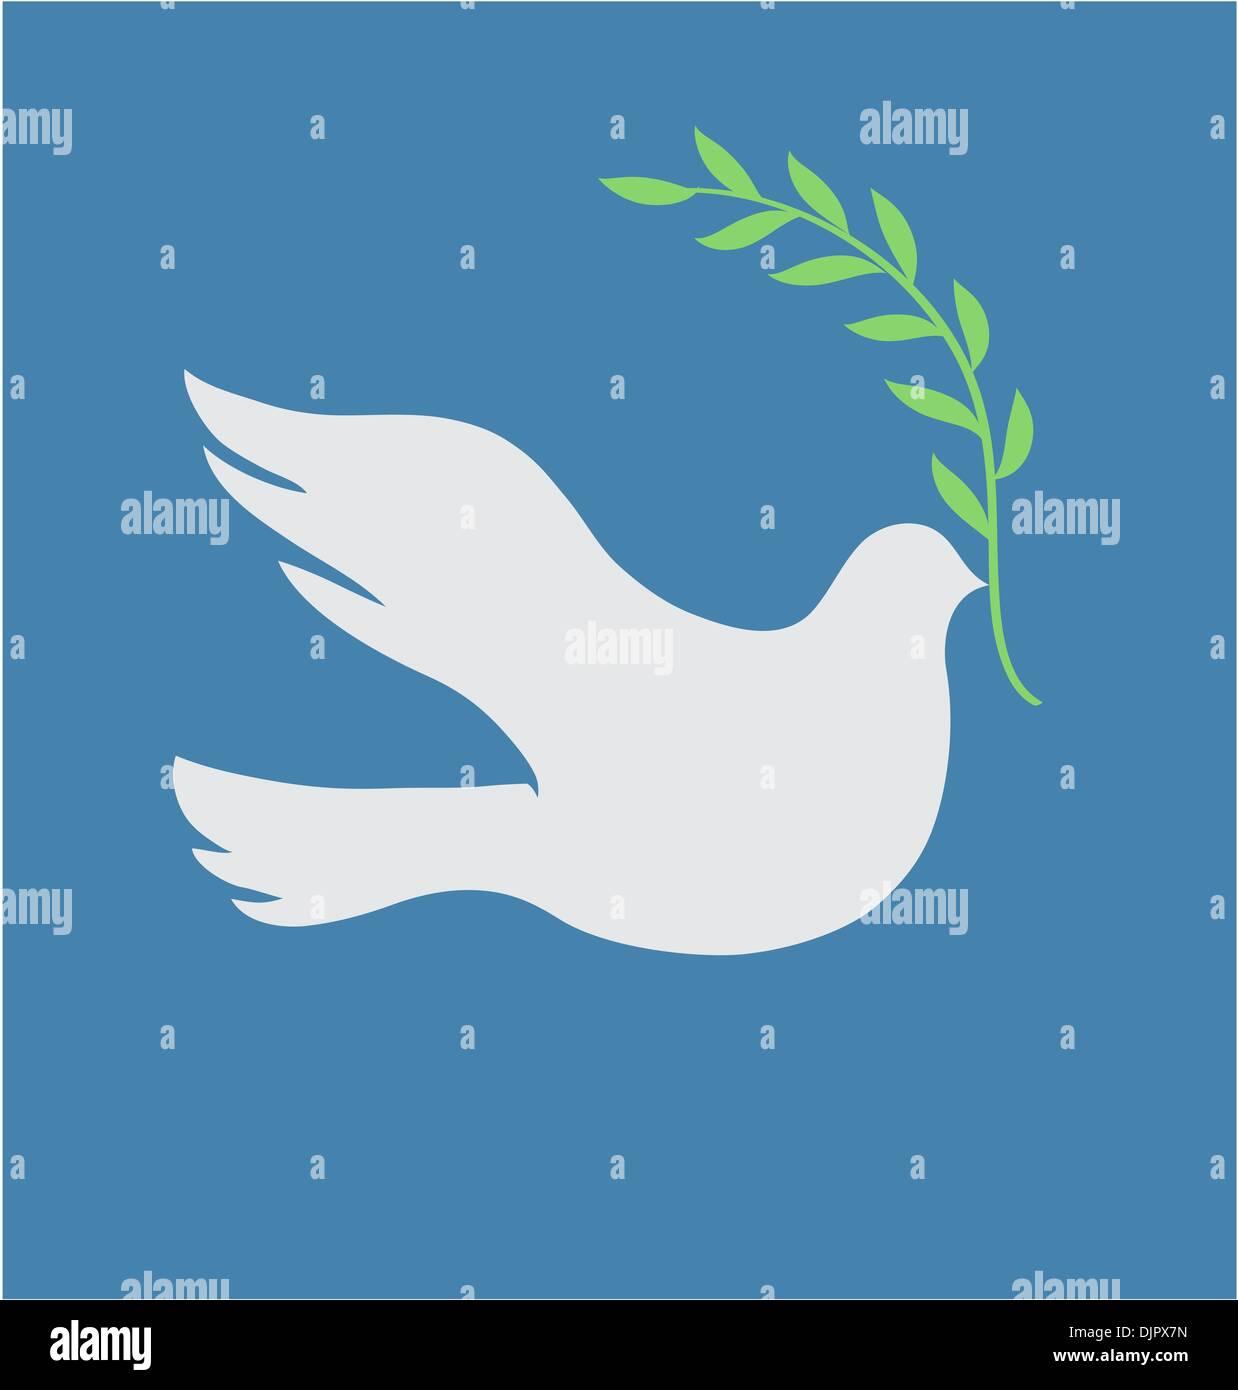 Concetto di vettore illustrazione della meravigliosa Colomba bianca in volo tenendo un ramo di olivo Immagini Stock